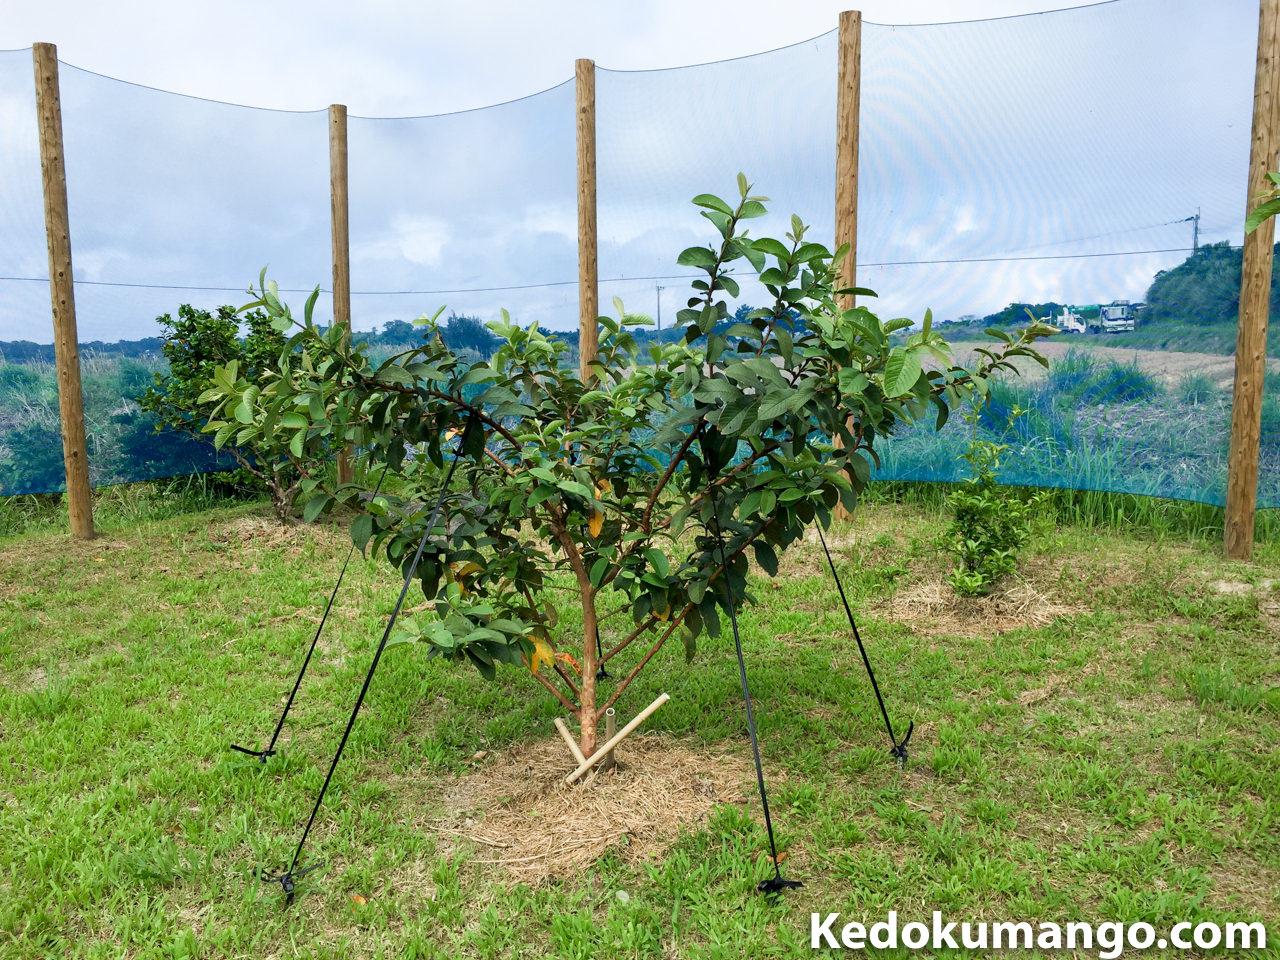 グアバの樹へ整姿の為に誘引作業をおこなったよ! | 花徳マンゴー